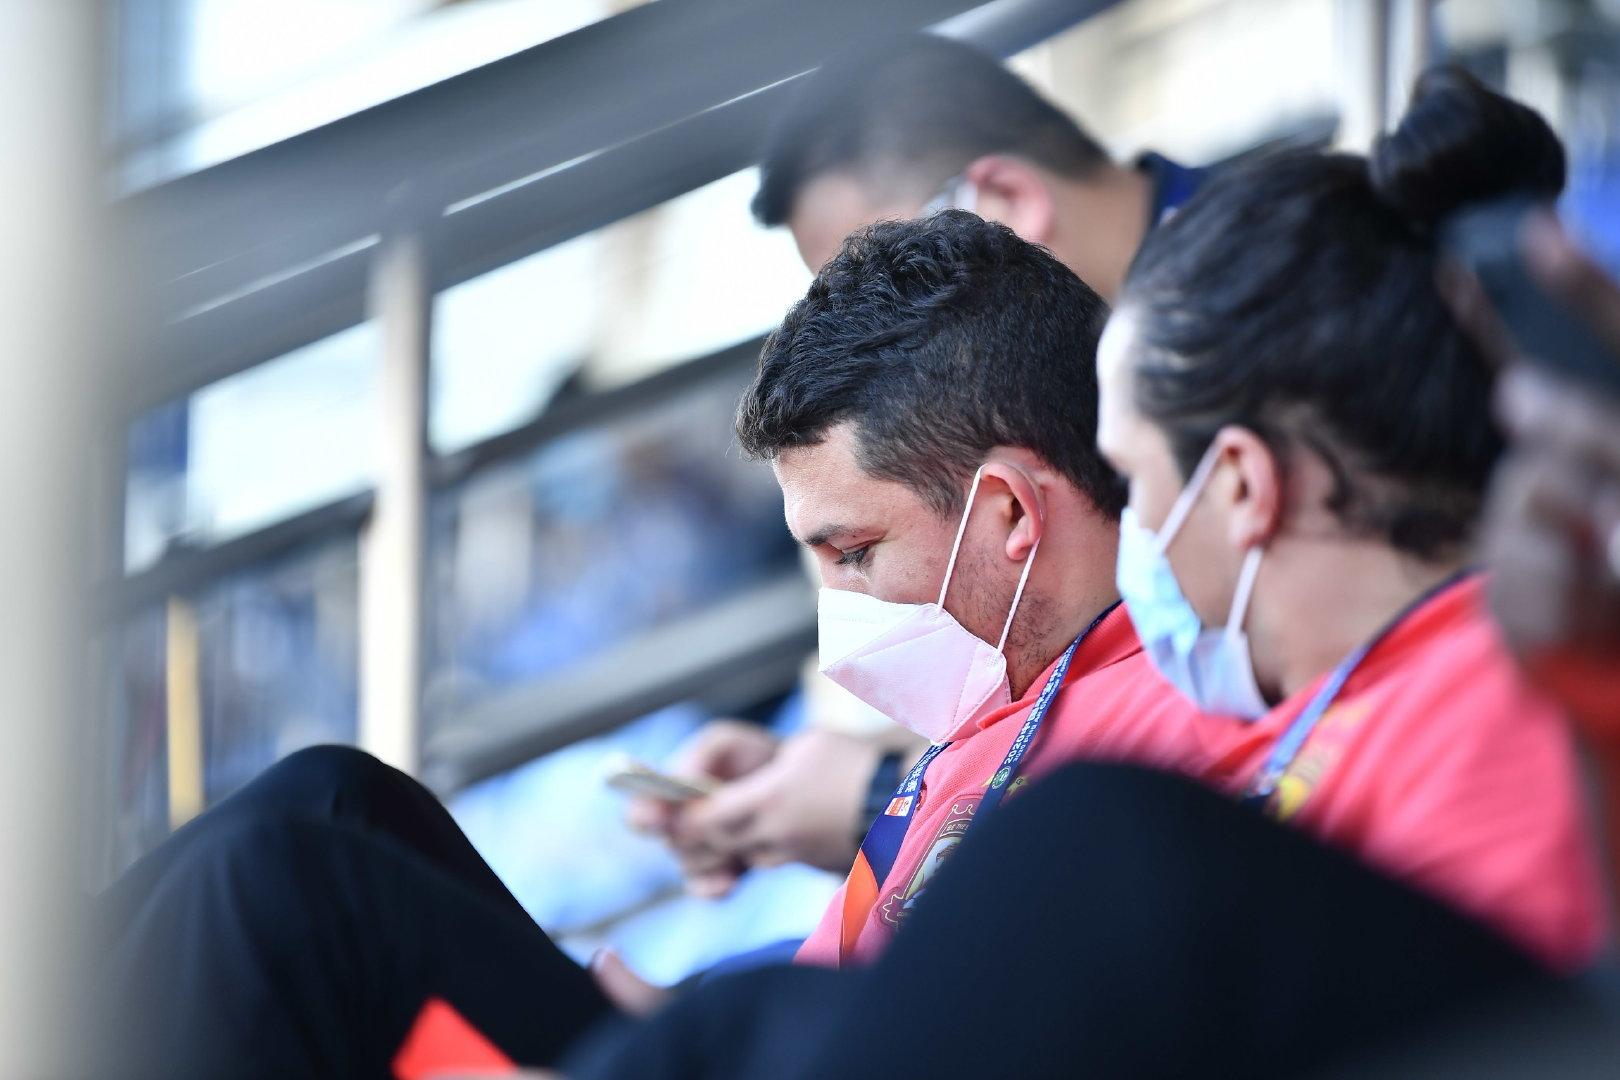 足球报:艾克森被内部处罚后,主动找主帅卡纳瓦罗道歉